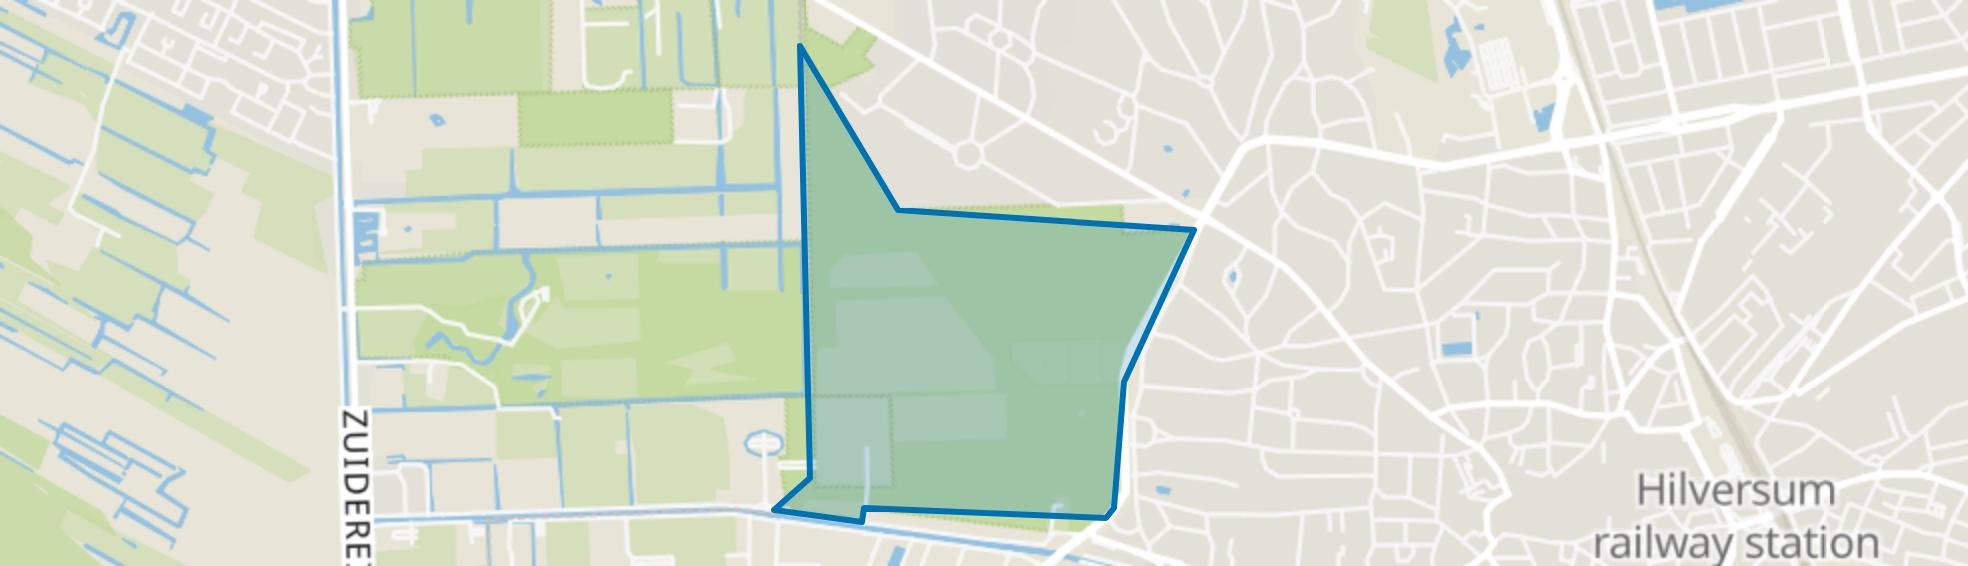 Landelijk Gebied 96, Hilversum map